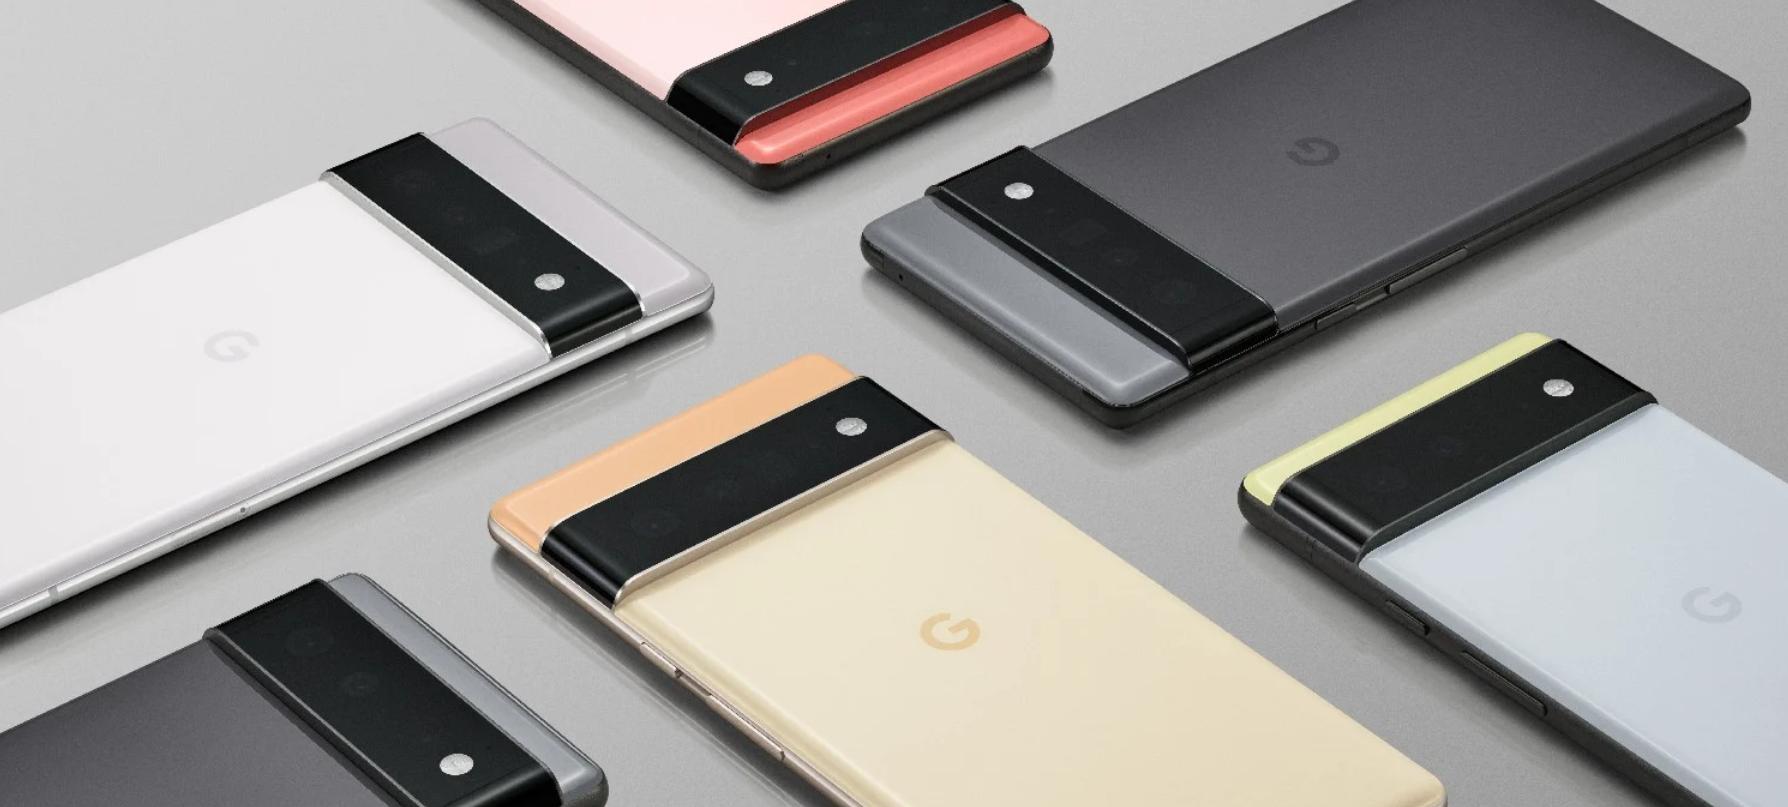 谷歌的Pixel 6和Pixel 6 Pro将使用人工智能